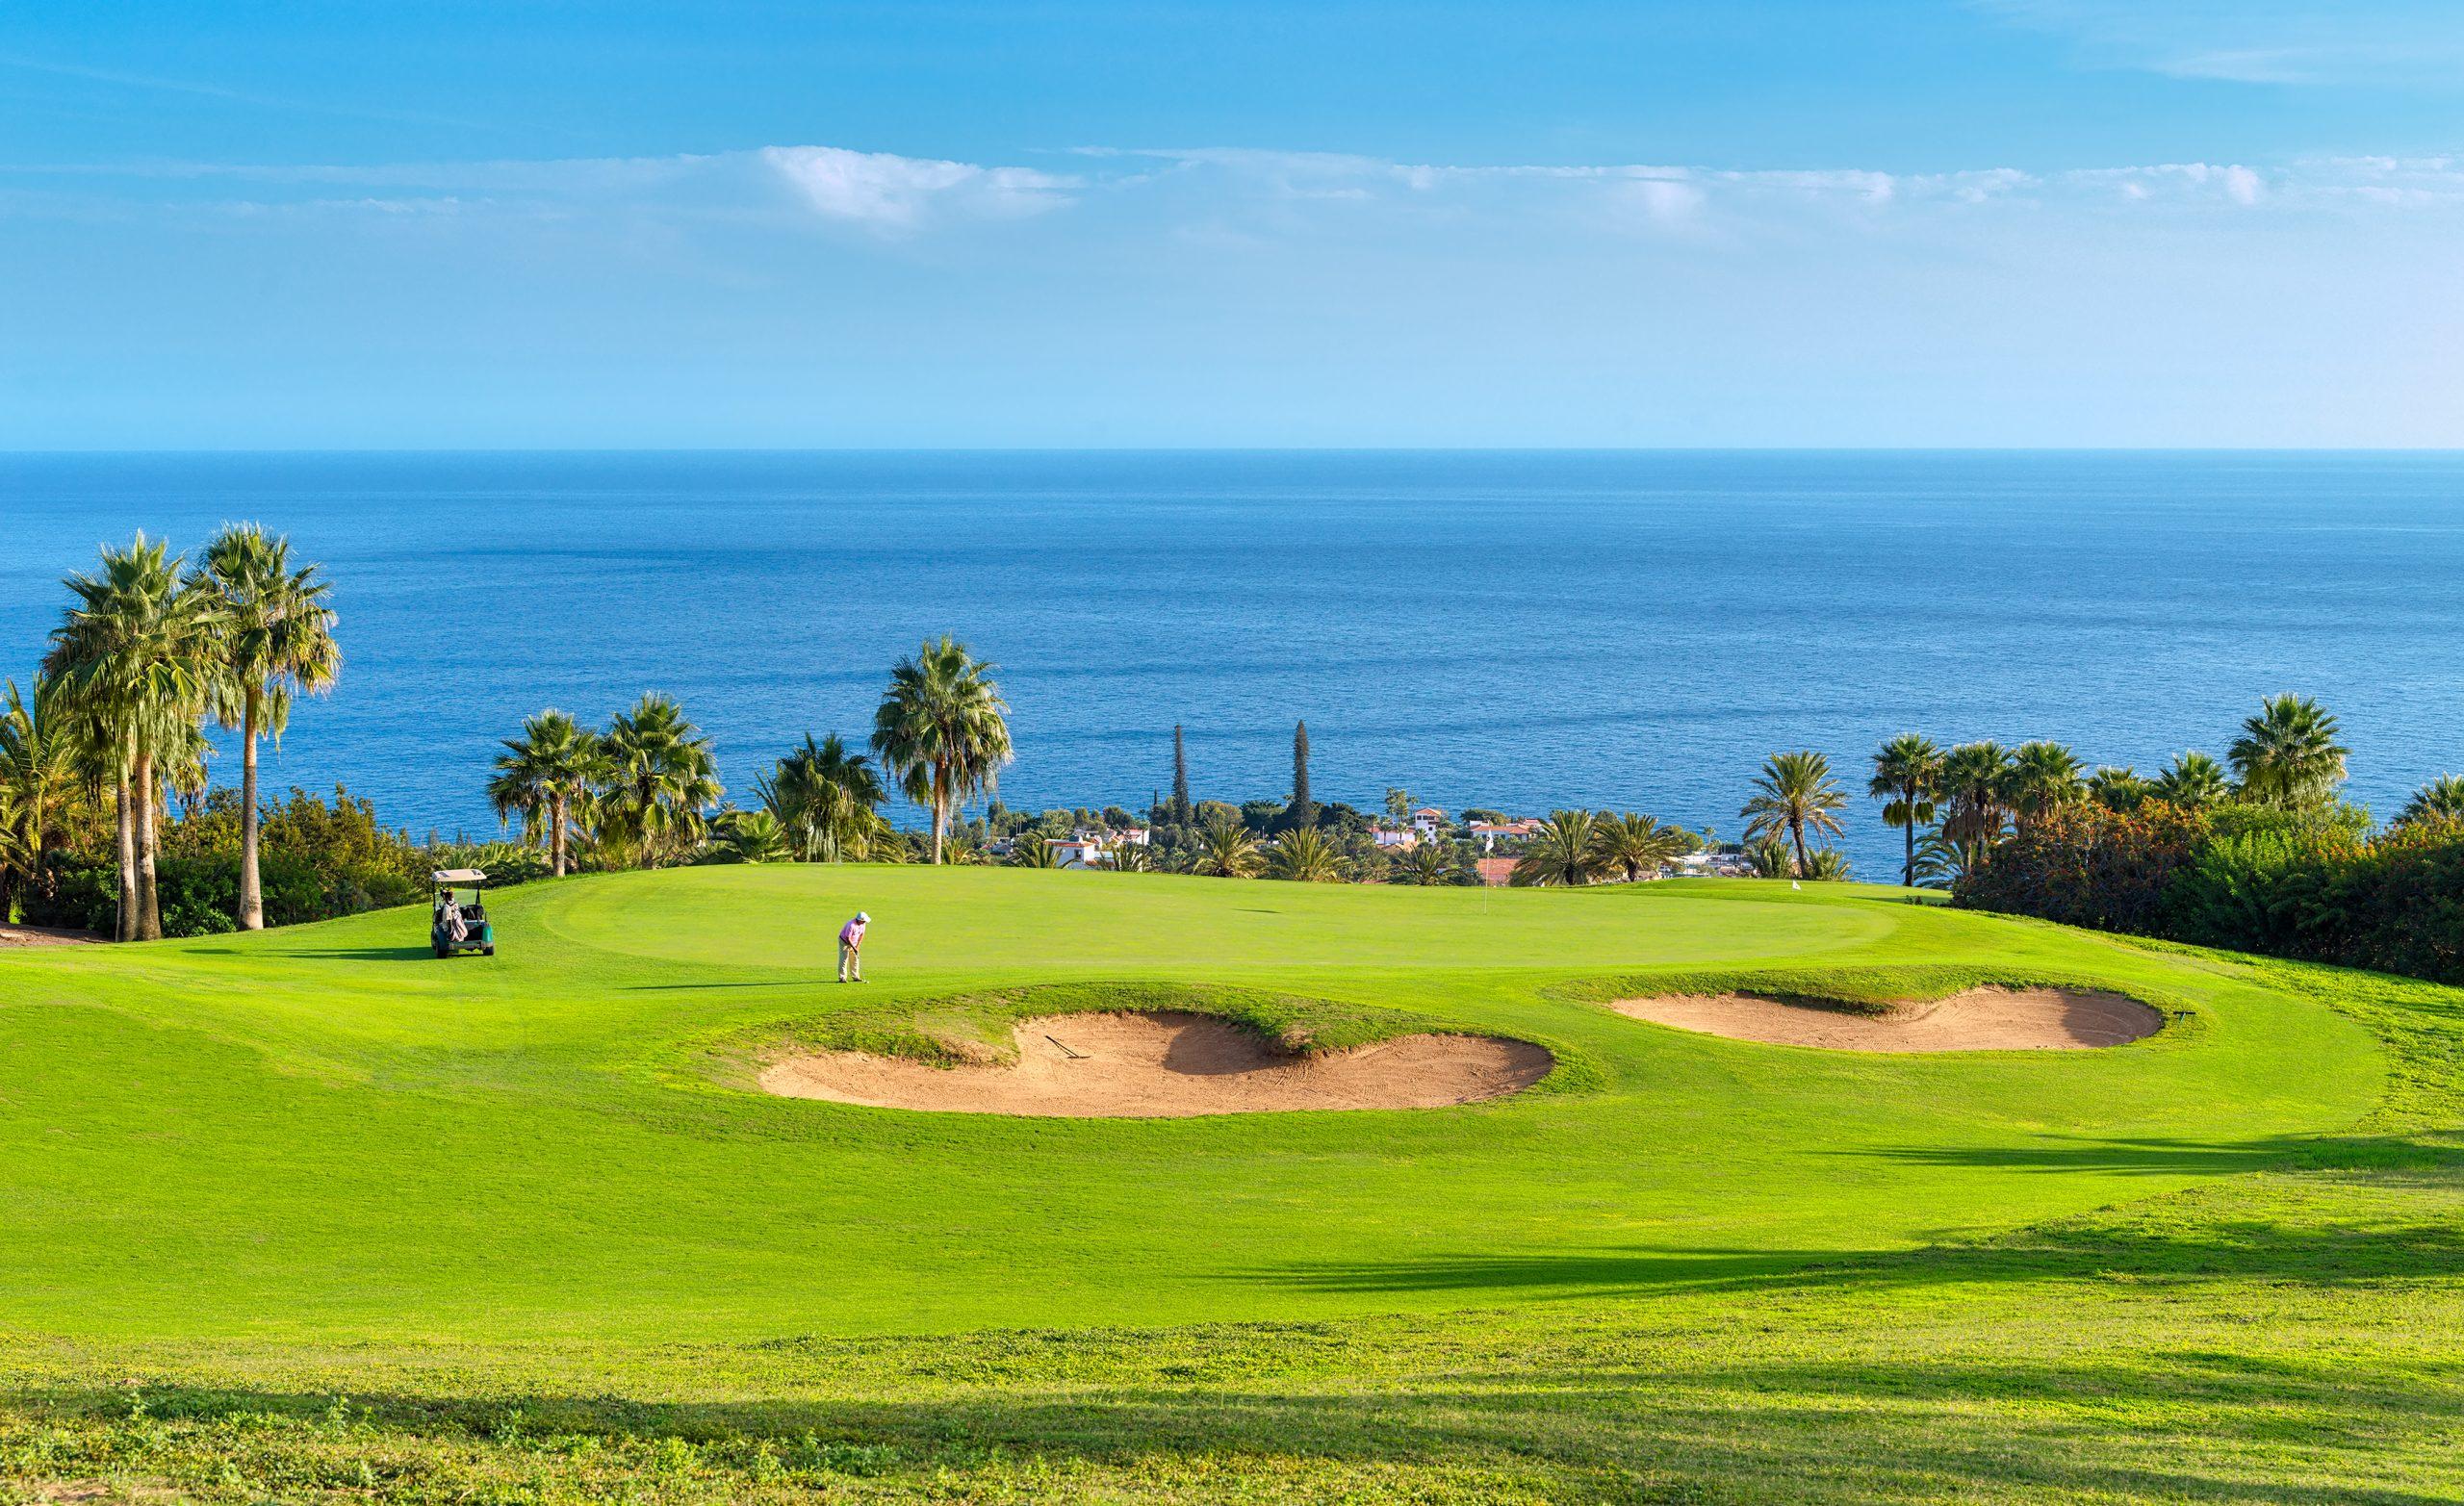 Golfreise Gran Canaria - Deluxe Golftrainingswoche Gran Canaria